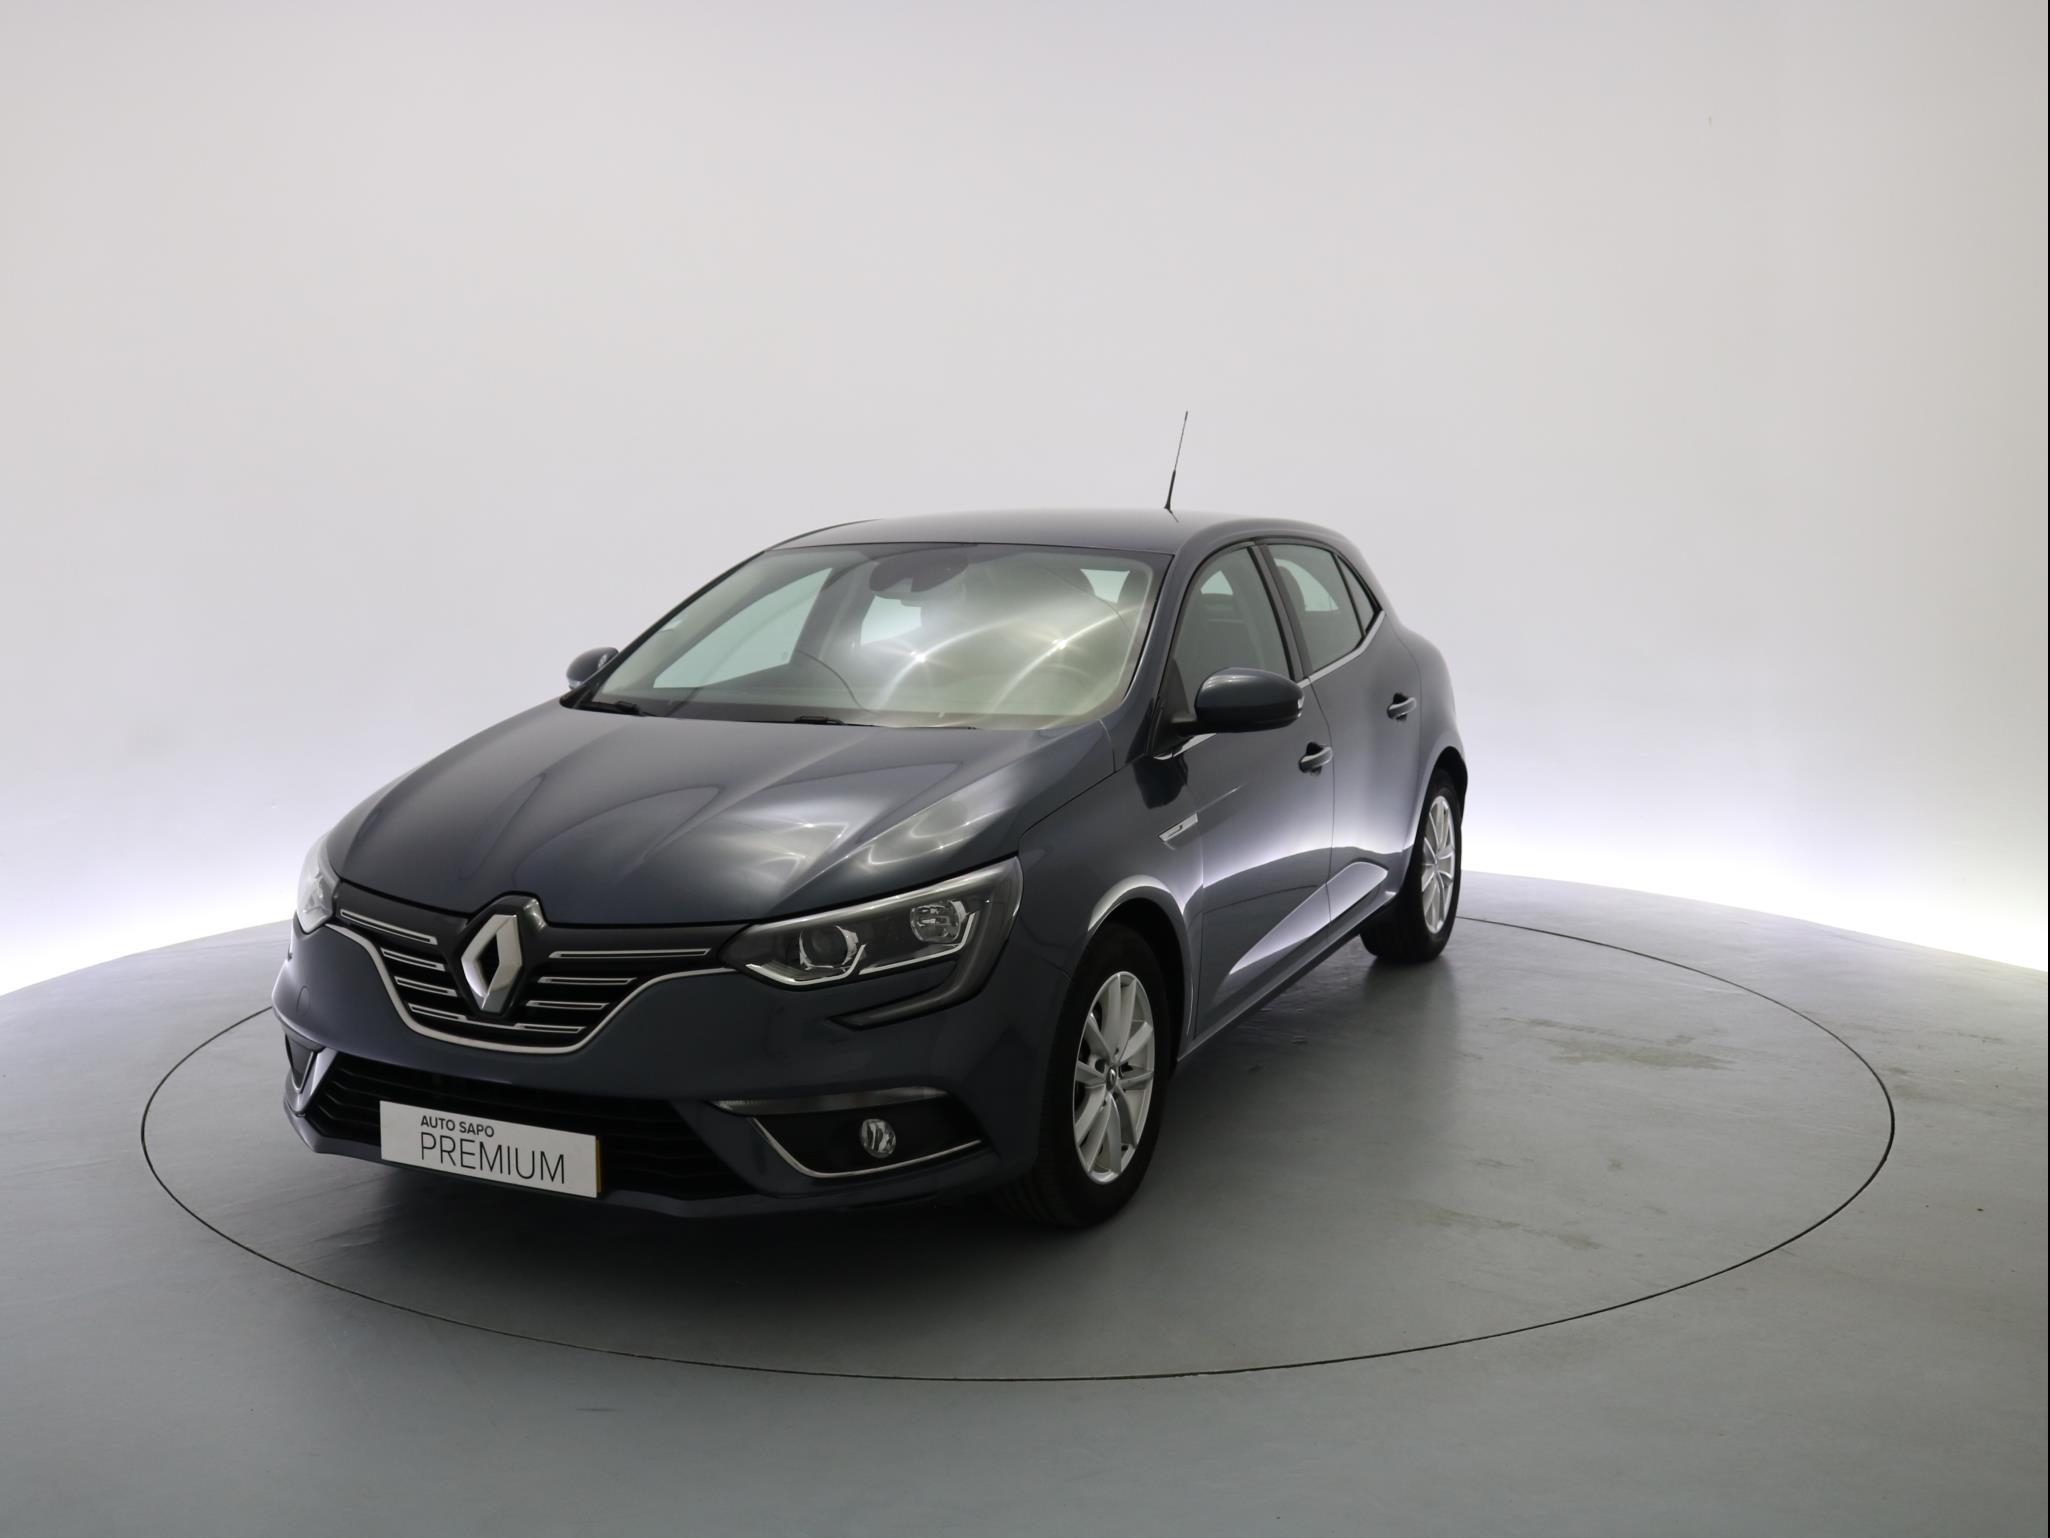 Renault Mégane 1.5 dCi Dynamique S S/S